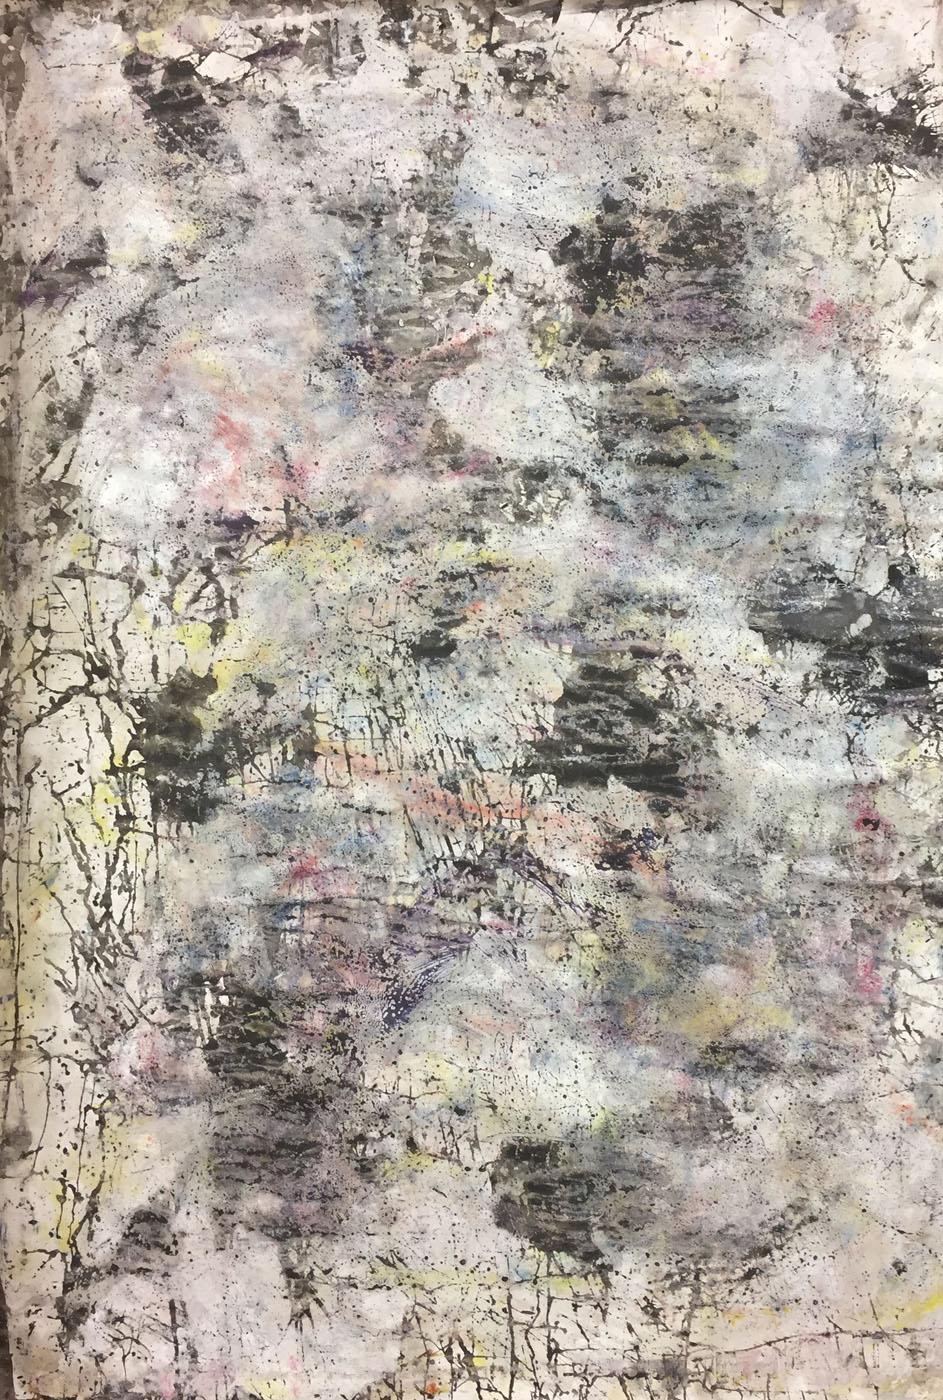 MARC FELD 2019 DÉFLAGRATION DES SOURCES 7 Huile, pigment et gouache sur papier 89 X 130 cm